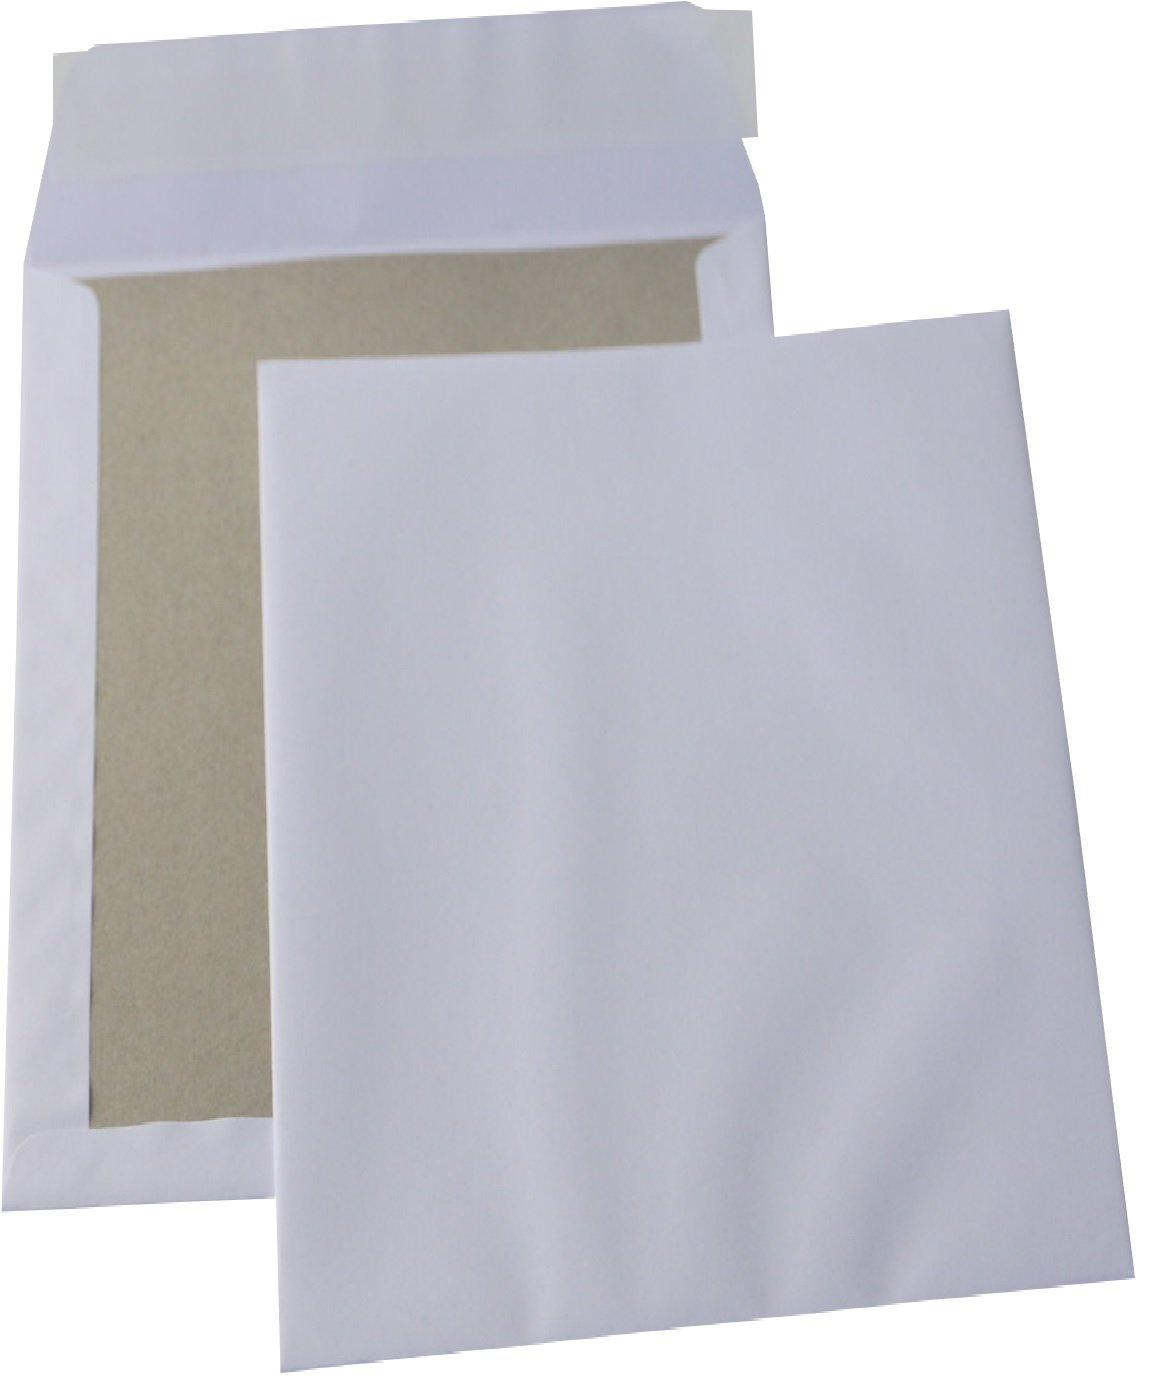 sobres din b4 blanco sin ventana envío bolsillos haftklebend HK 400 St